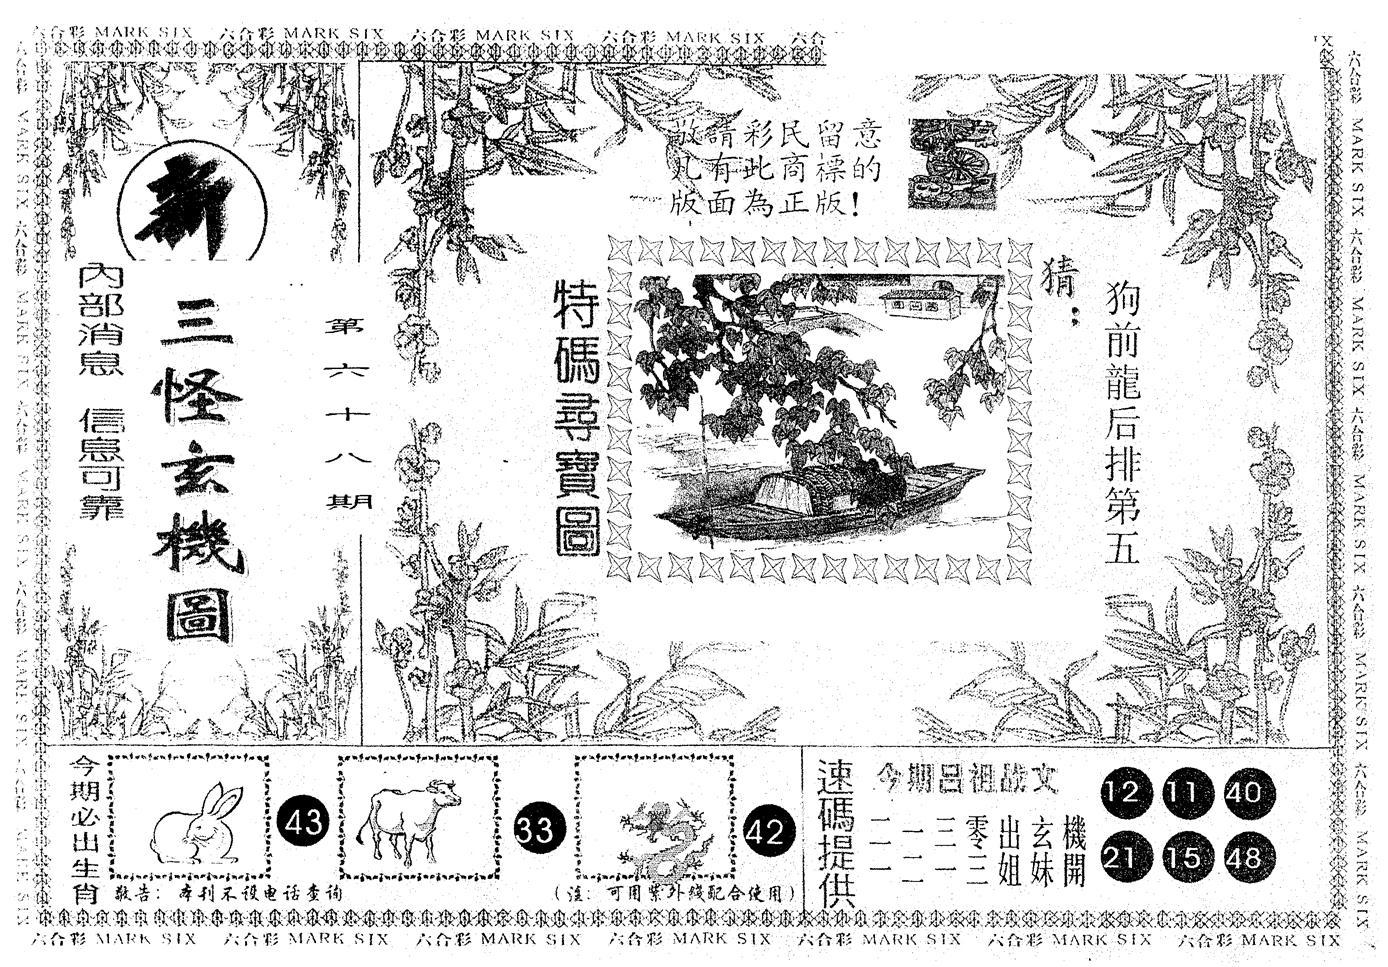 068期另版新三怪(黑白)